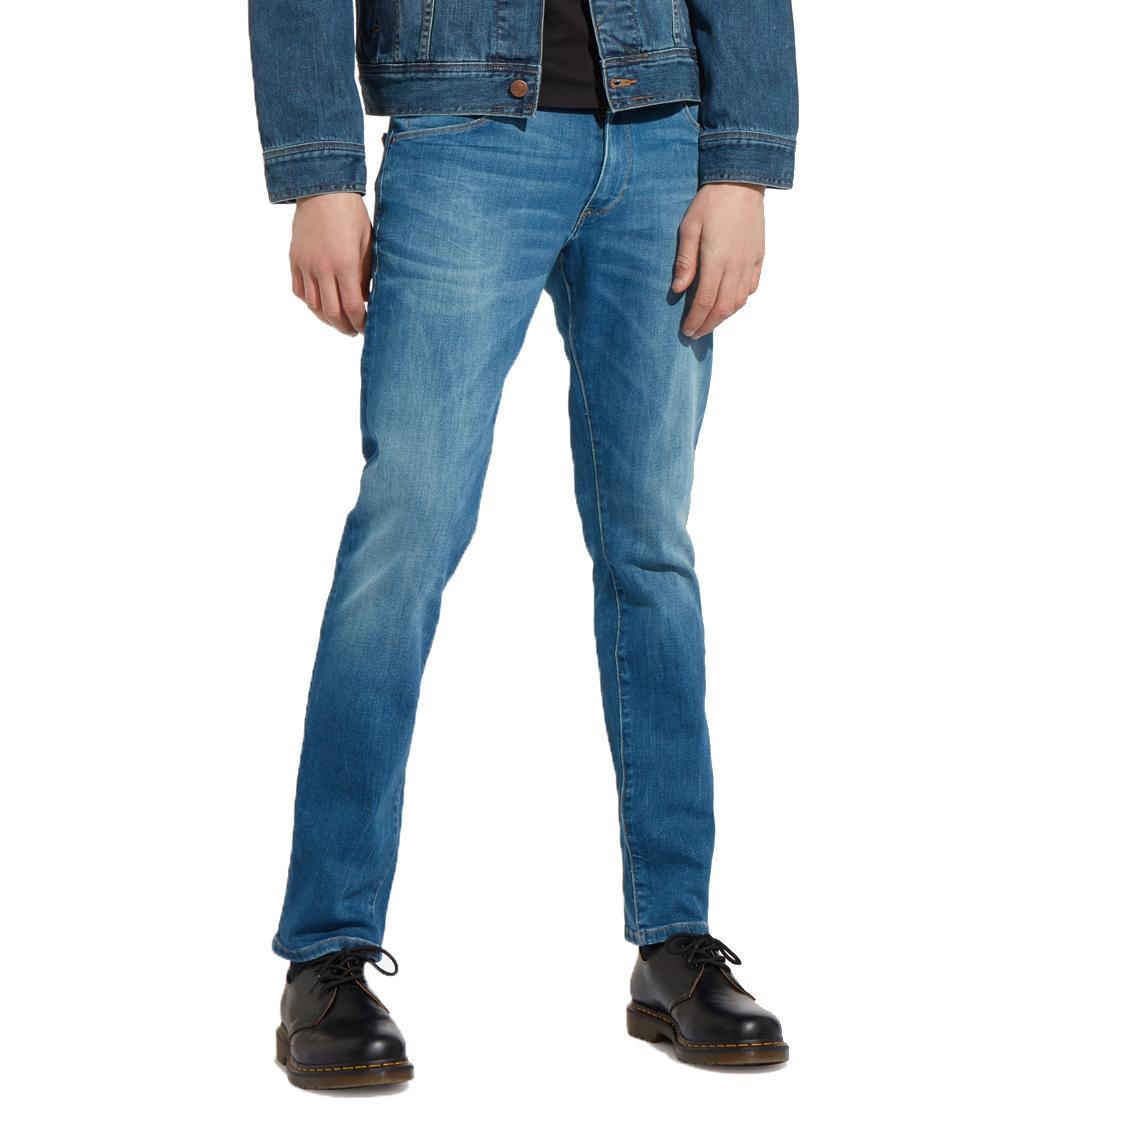 Jean droit  larston en coton mélangé bleu clair légèrement délavé